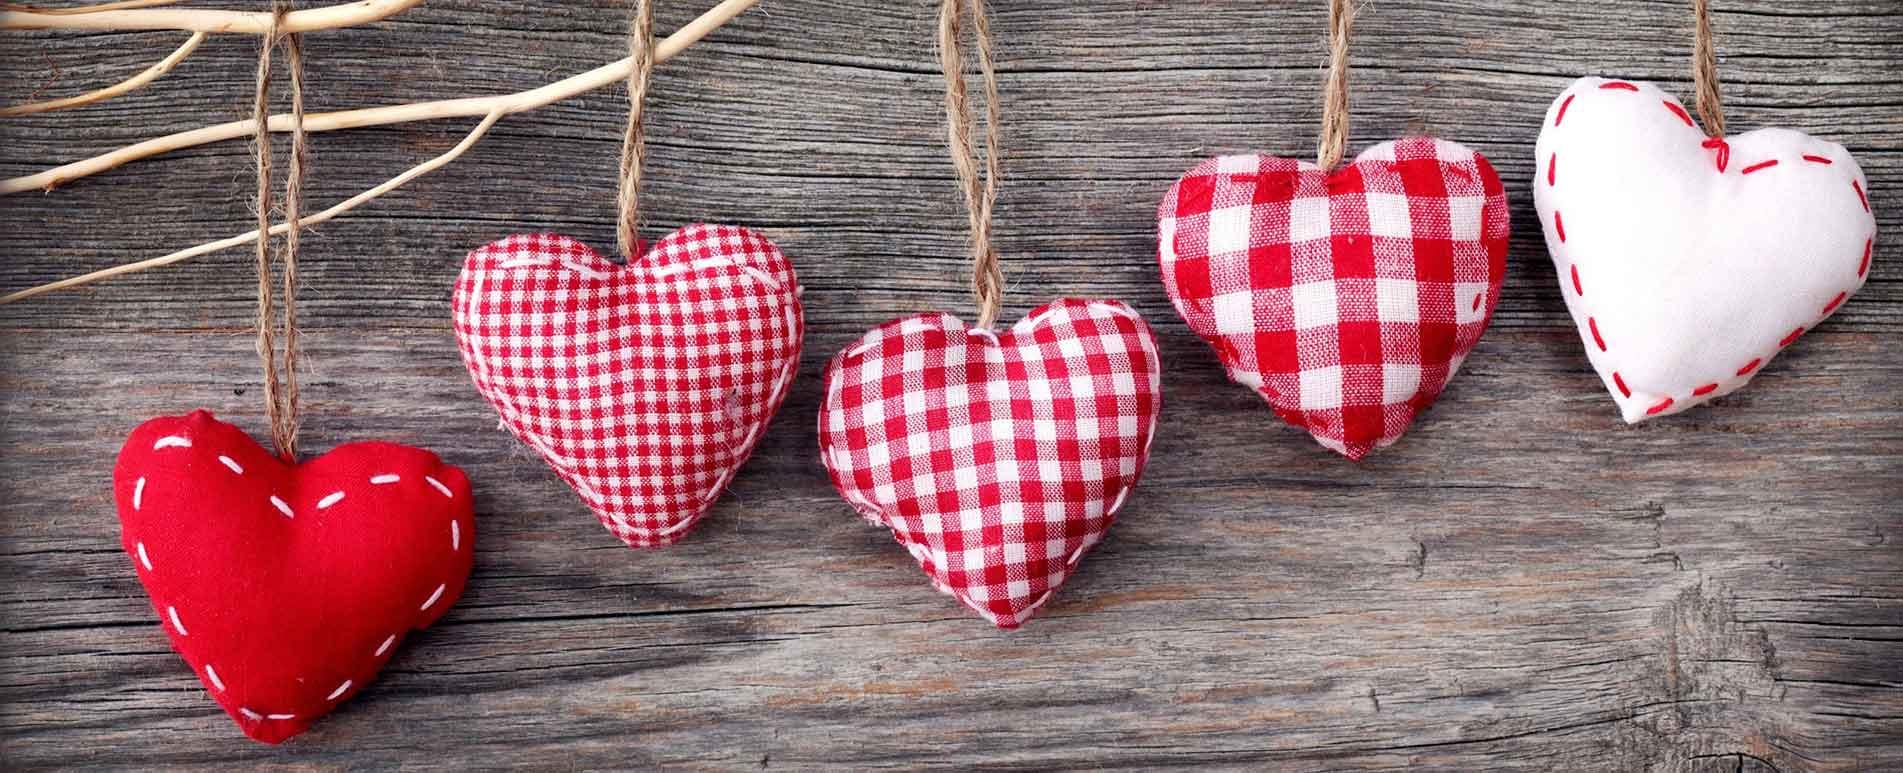 Ajándék ötletek Valentin napra nőknek és férfiaknak